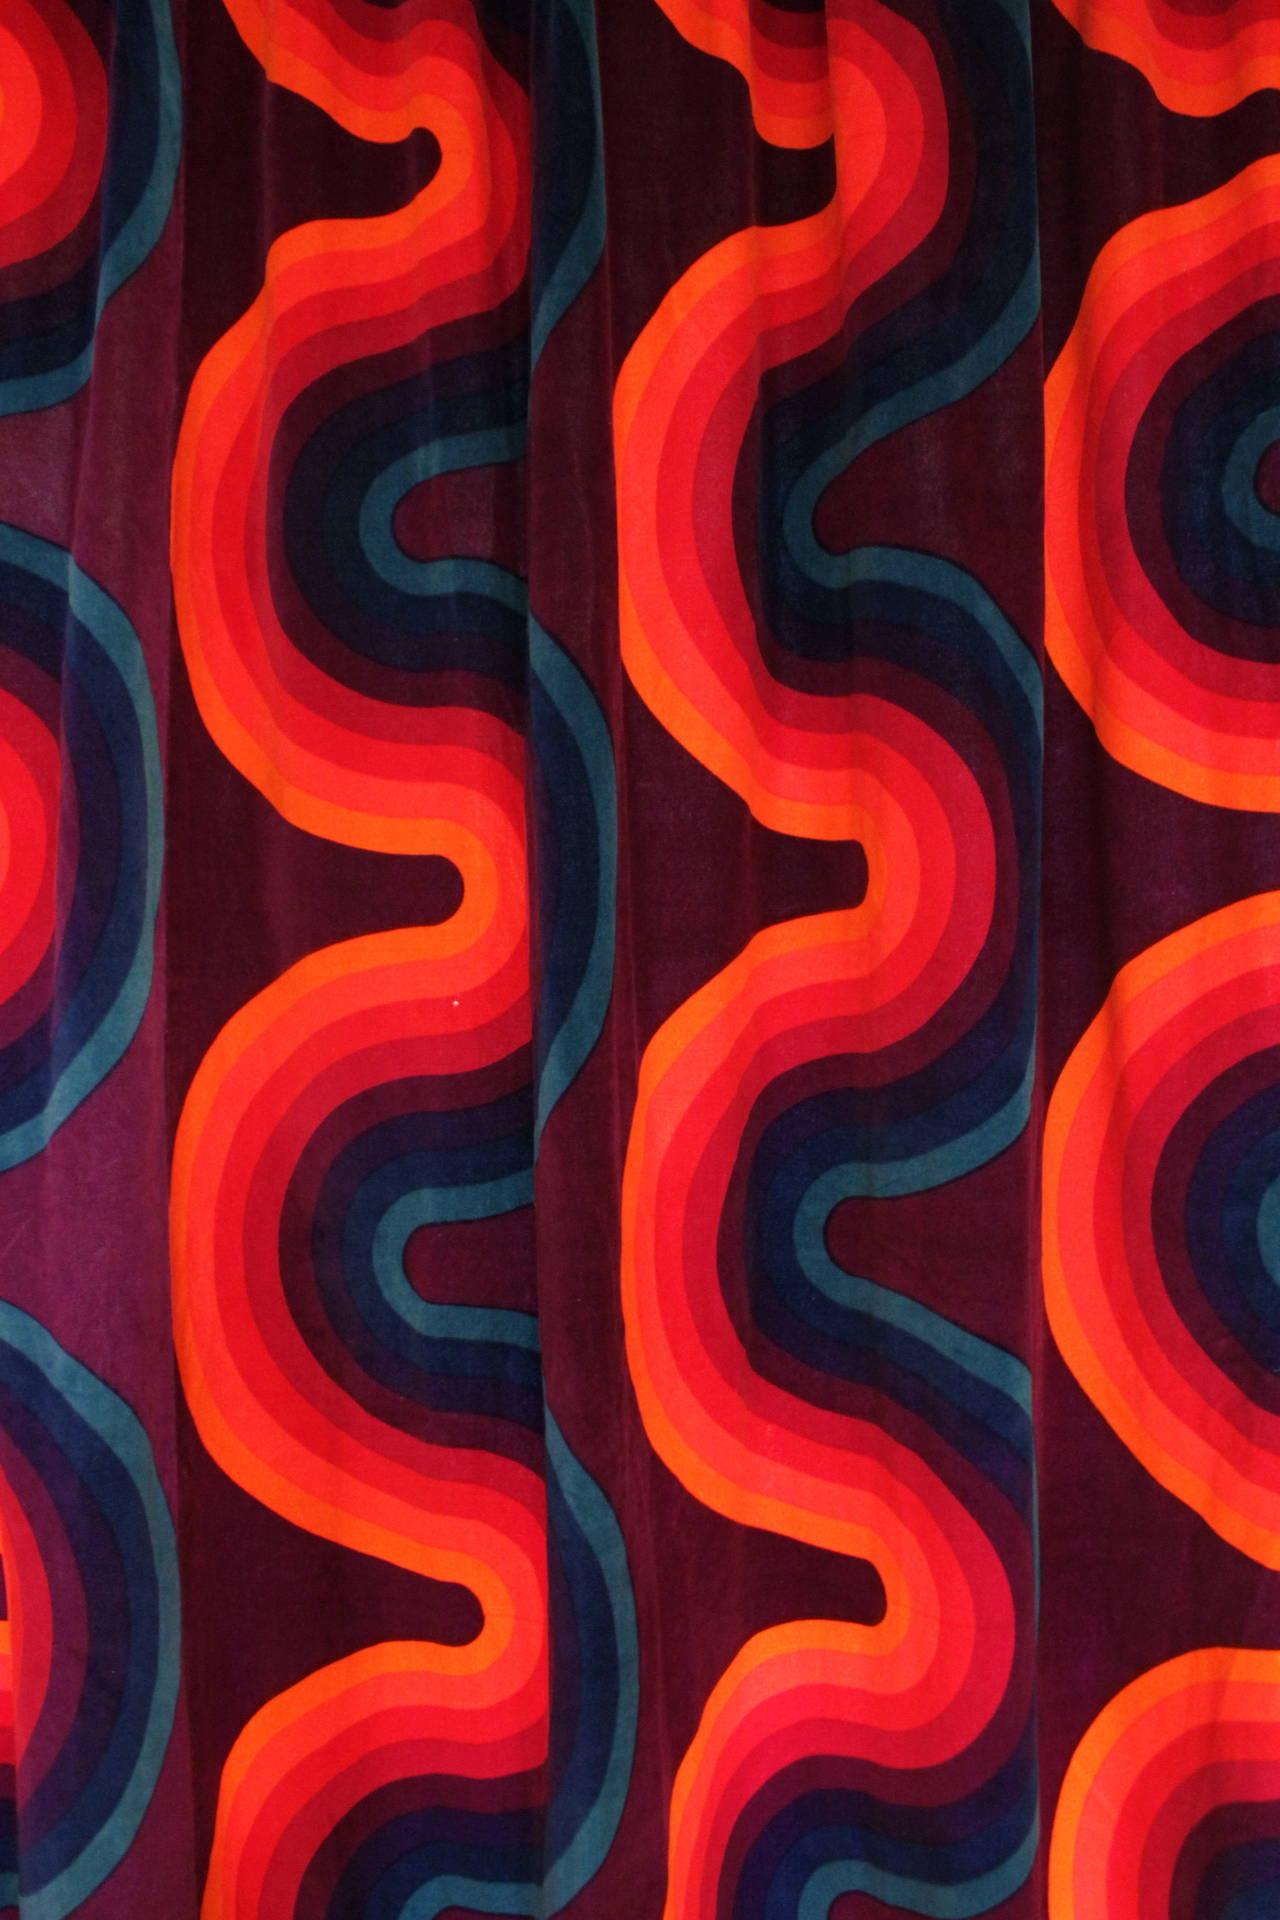 verner panton curve mira x velvet curtains at 1stdibs. Black Bedroom Furniture Sets. Home Design Ideas